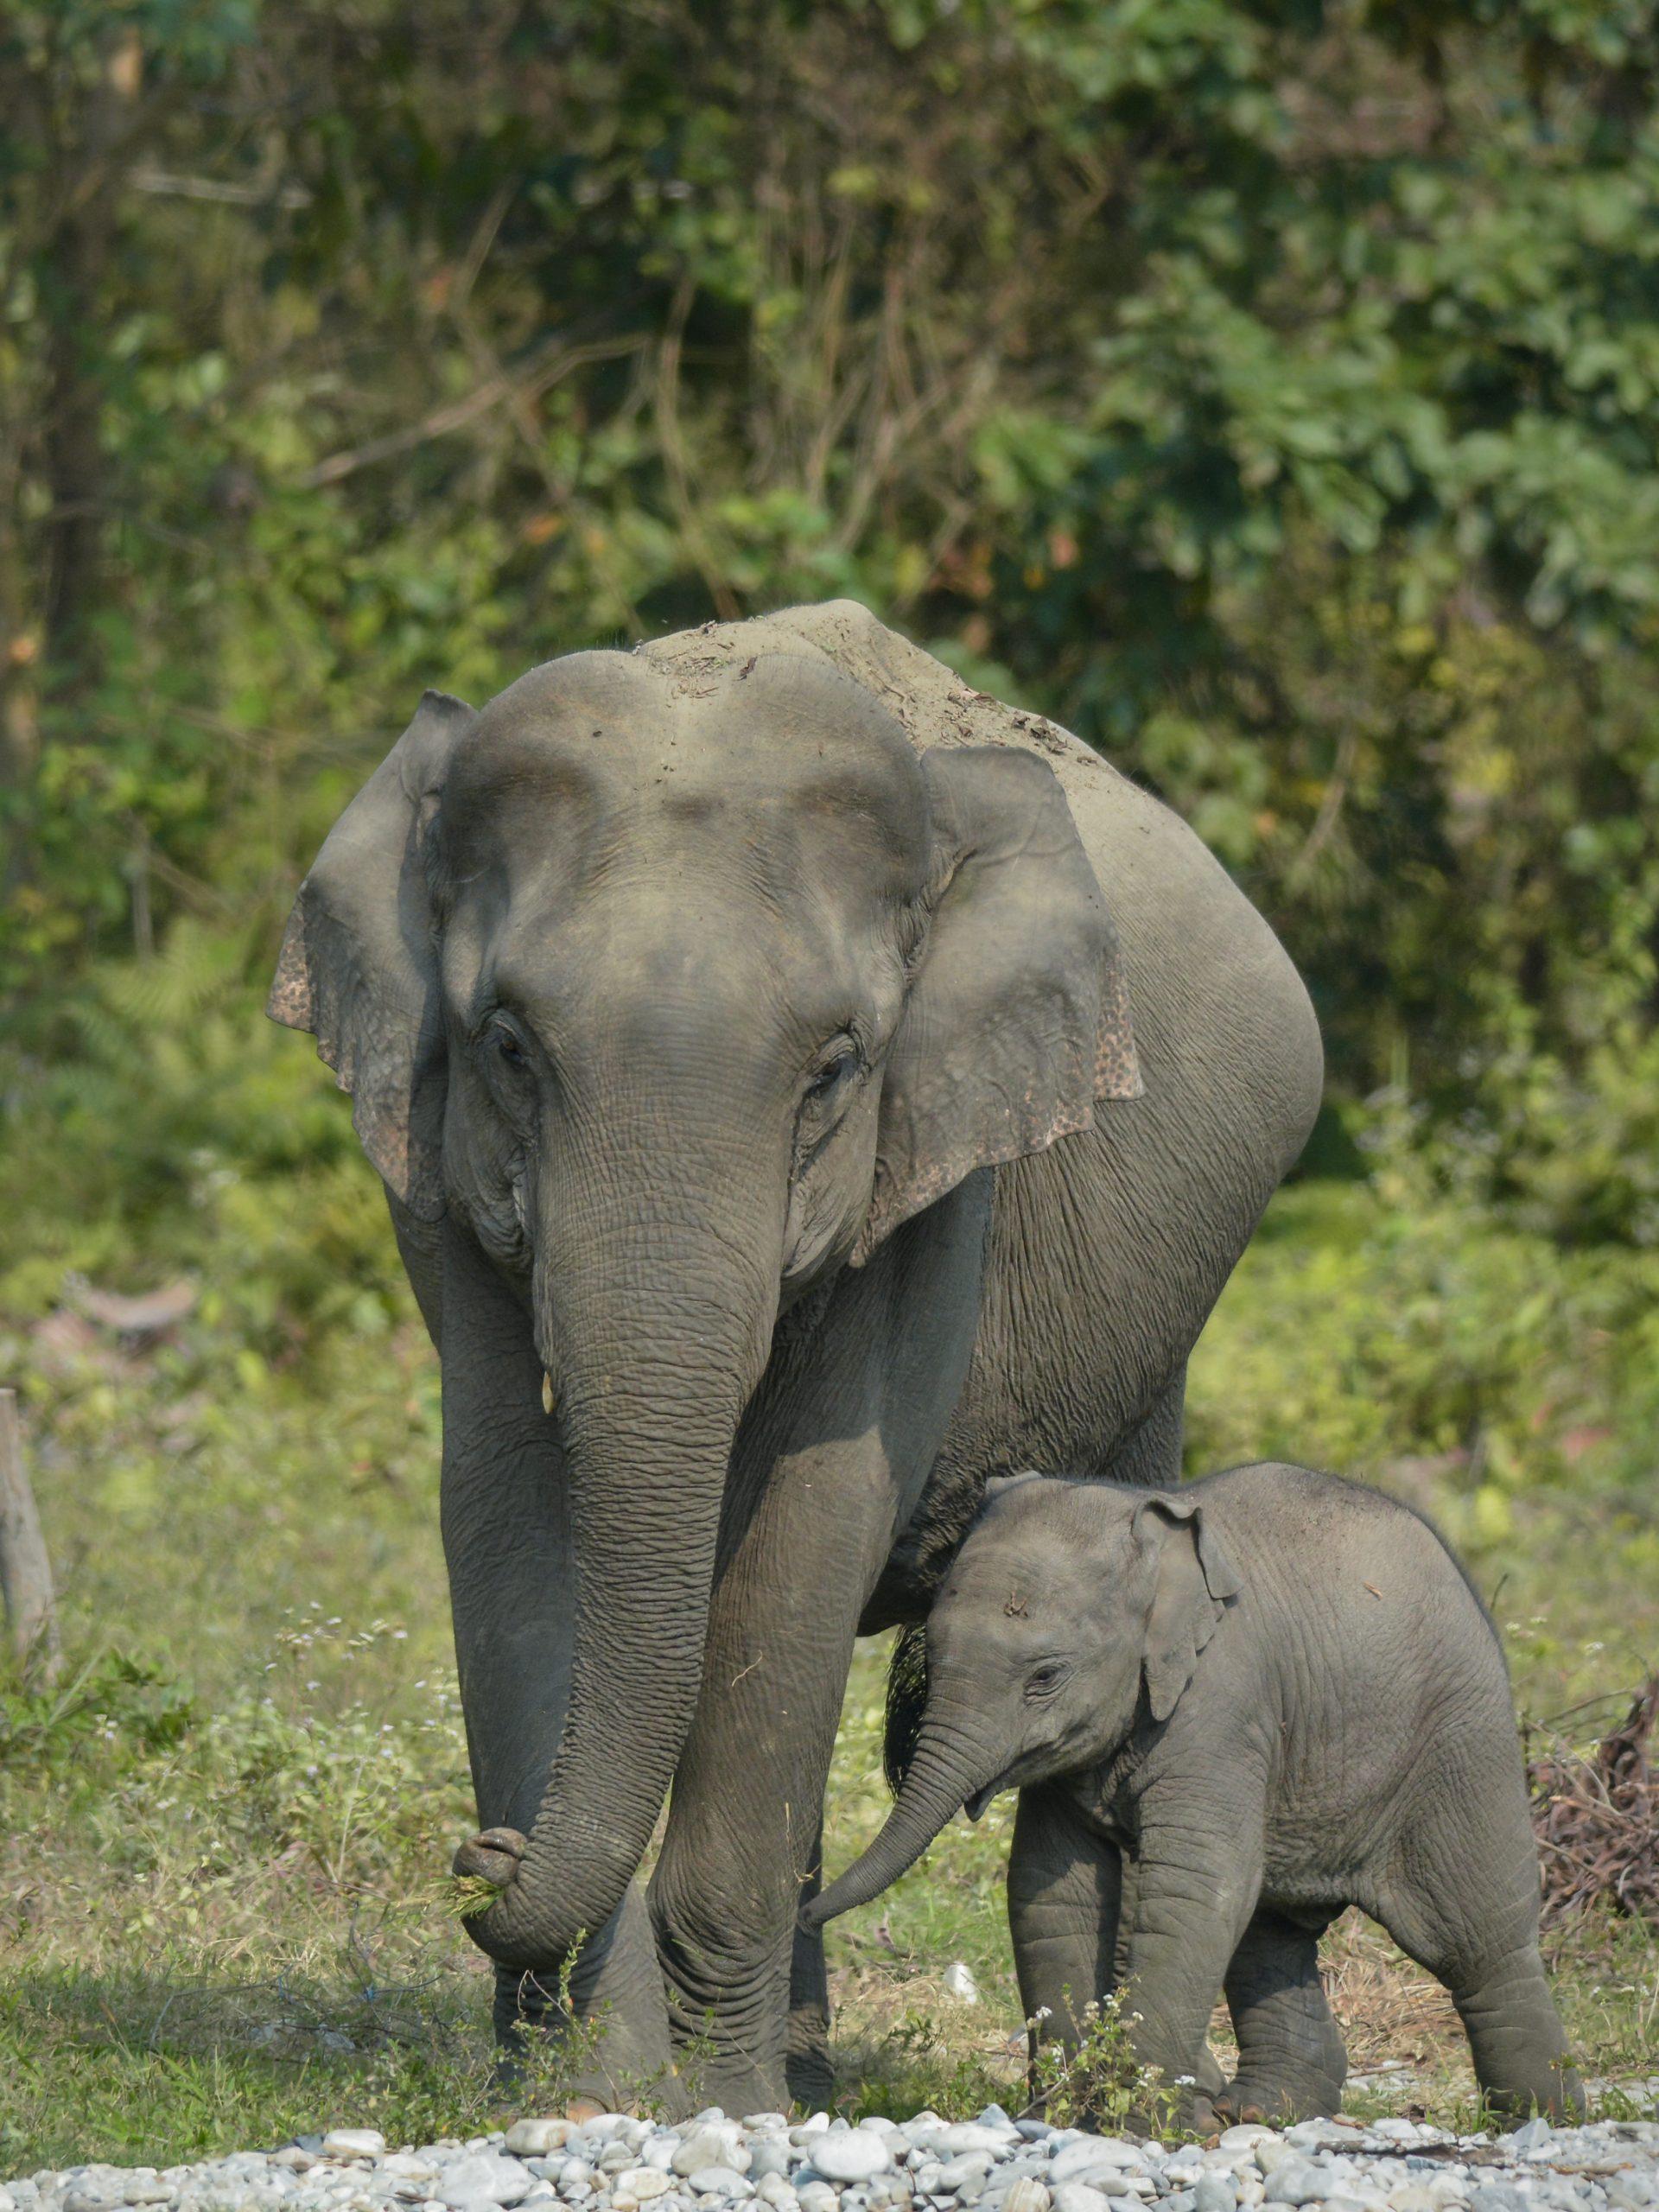 An elephant and calf